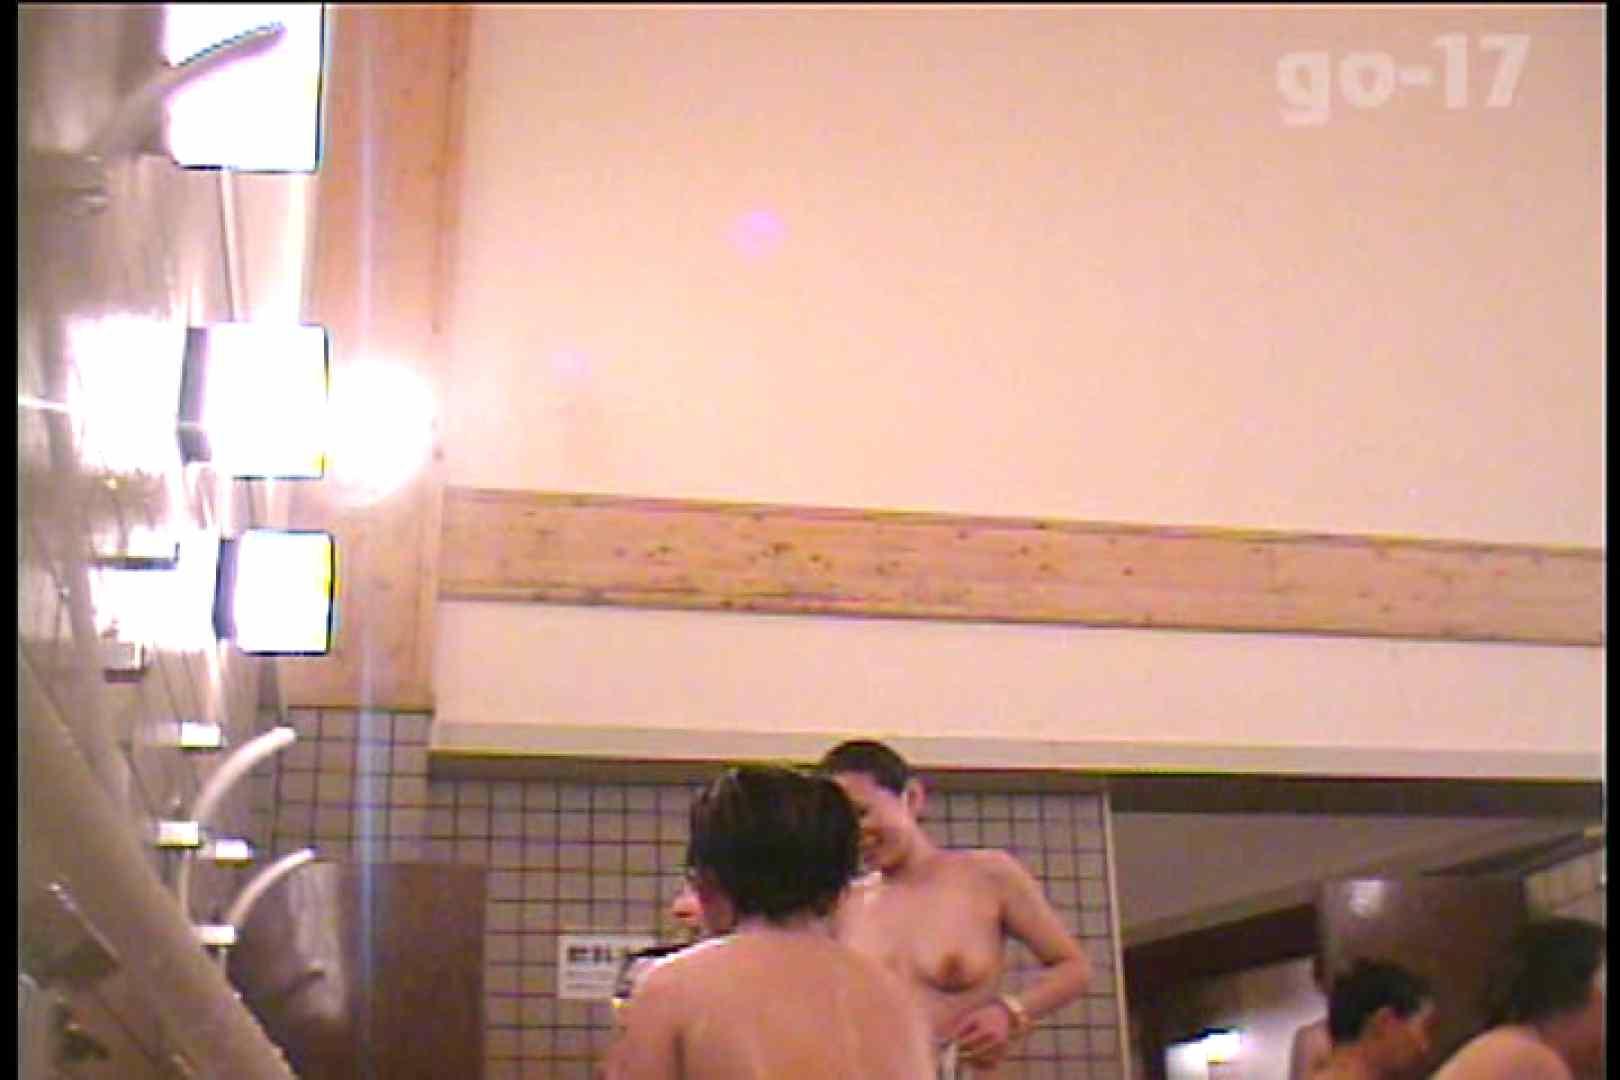 電波カメラ設置浴場からの防HAN映像 Vol.17 女湯  92PIX 67